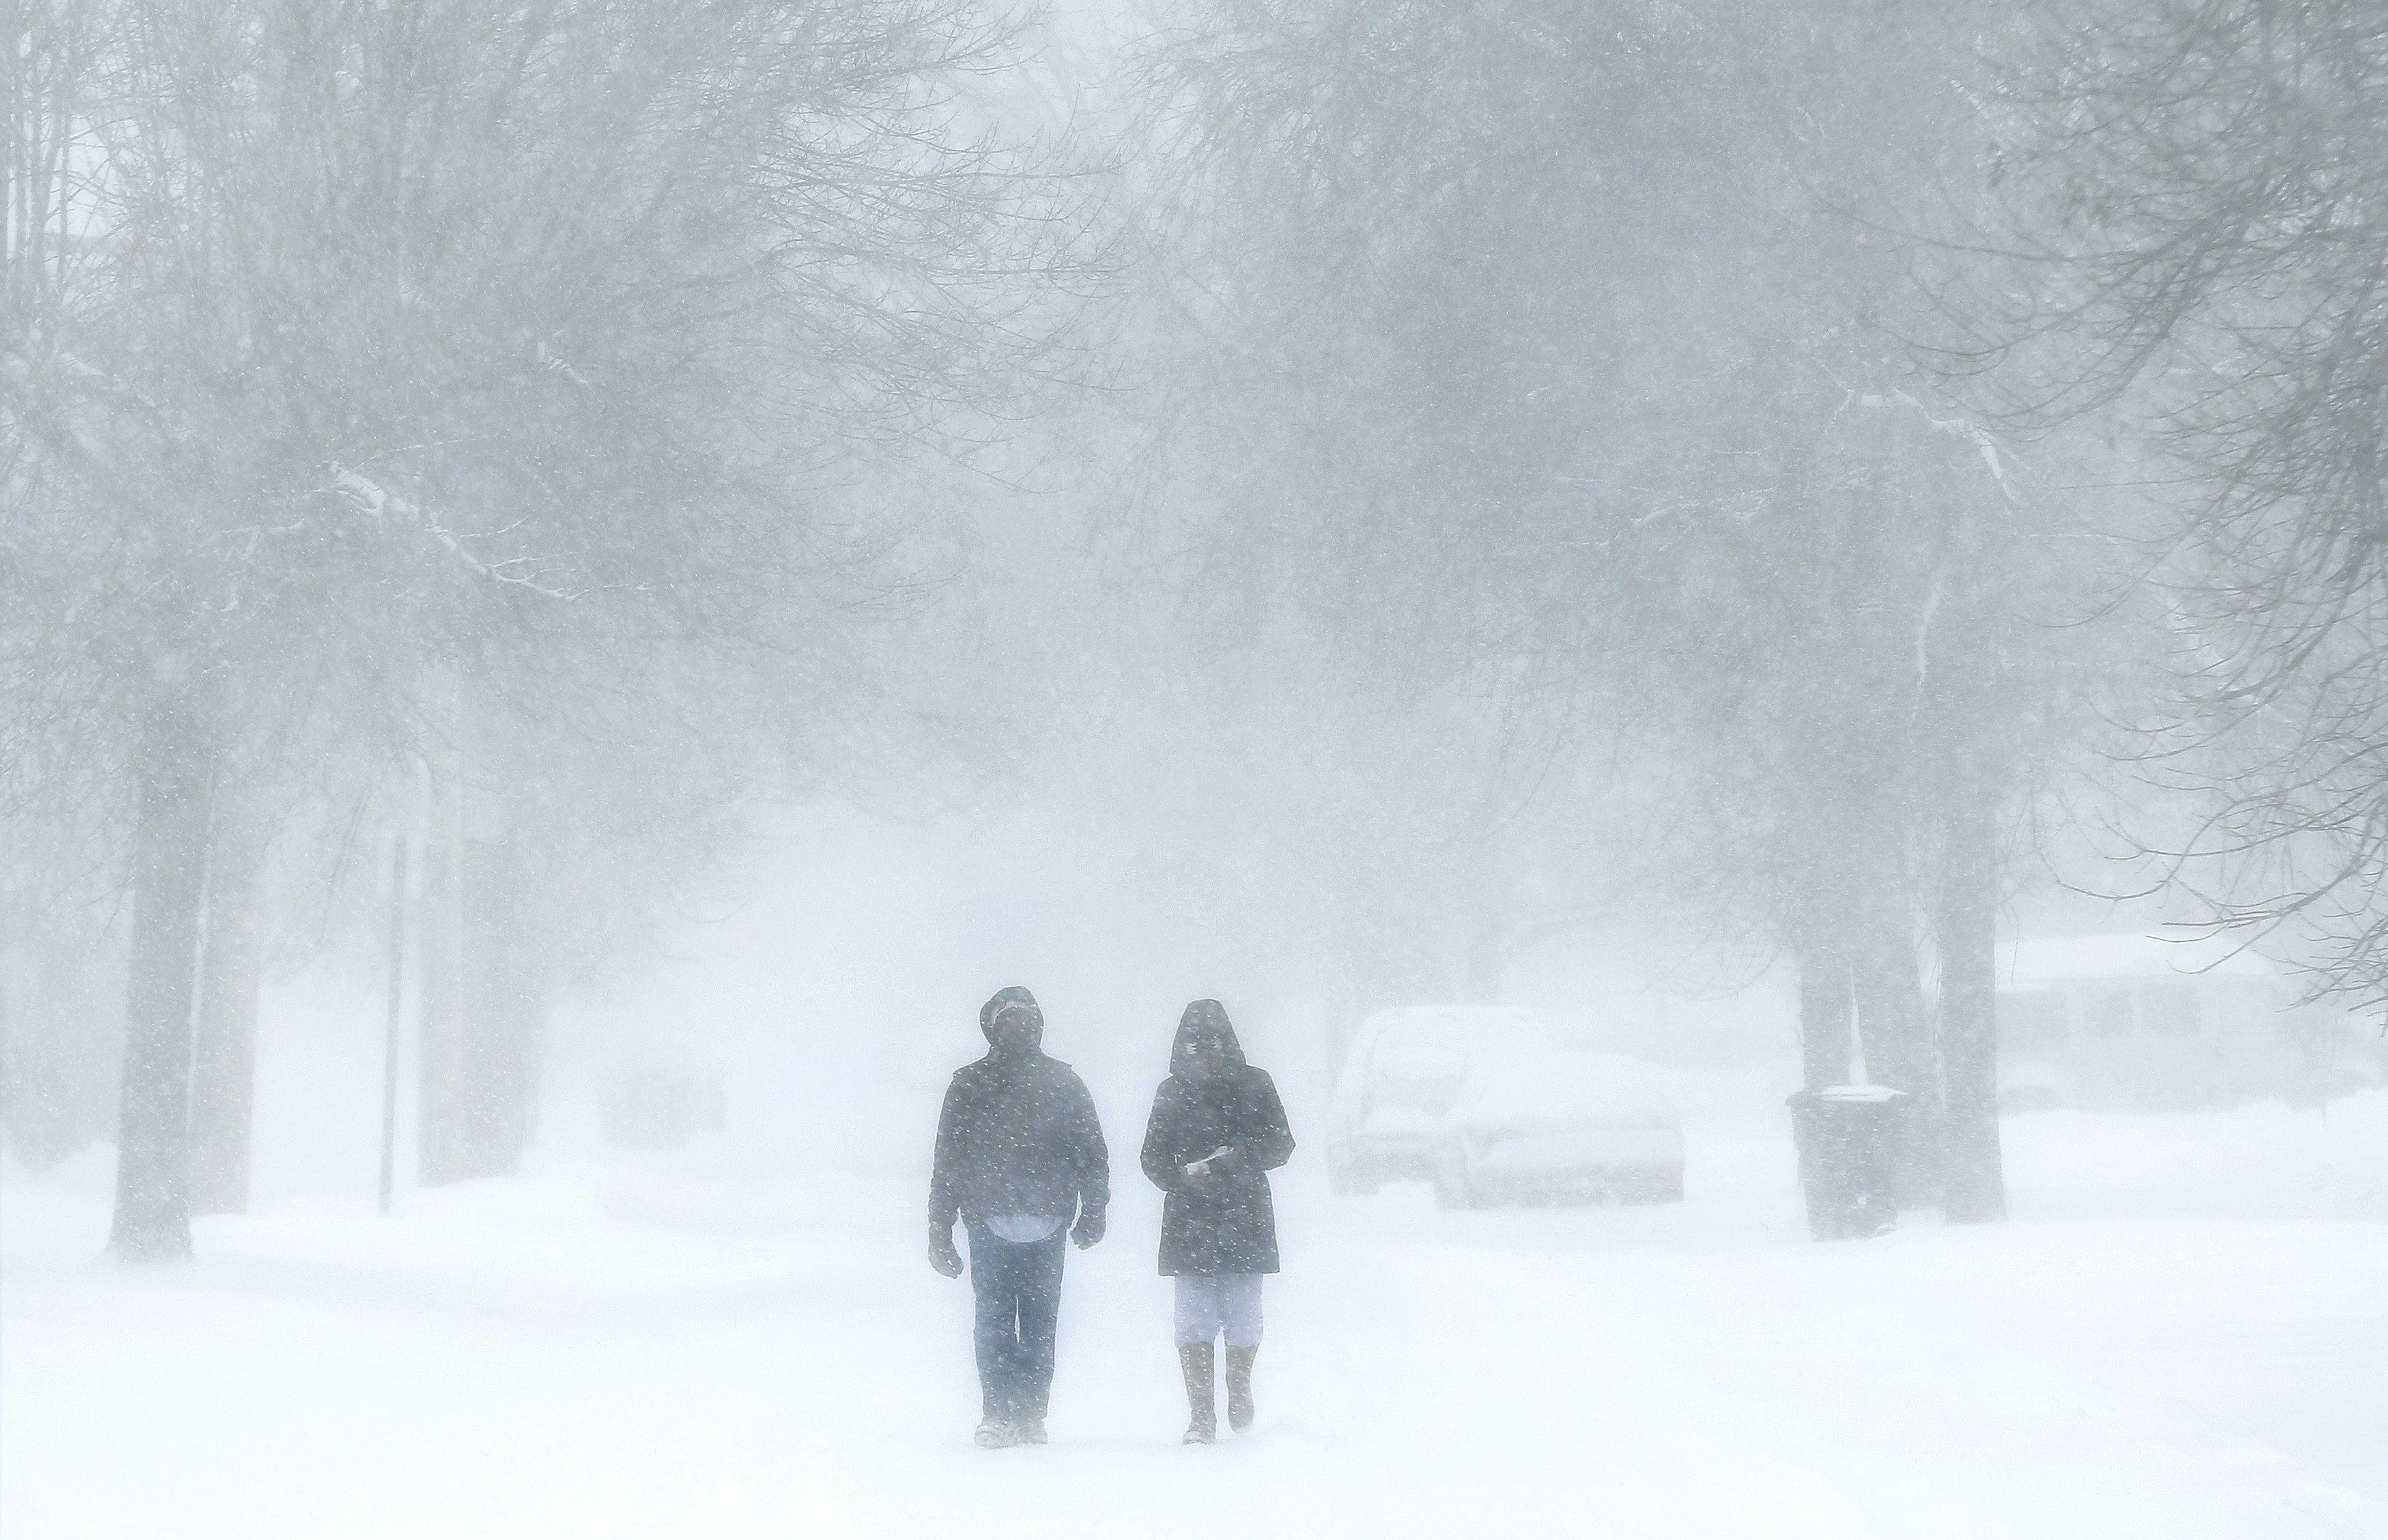 Michigan Snow Storm